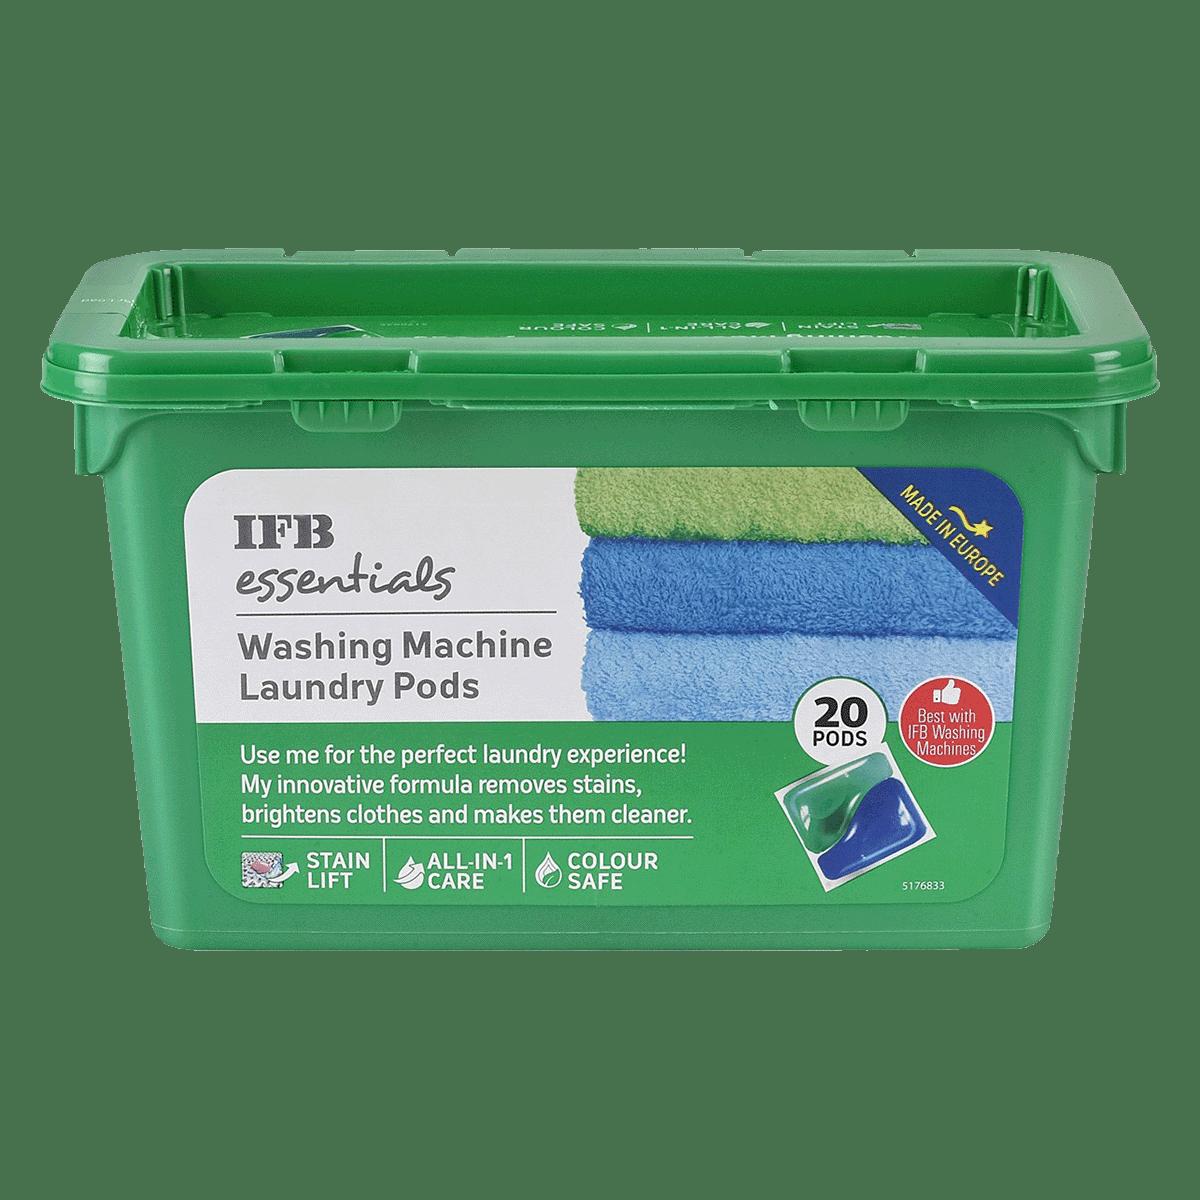 IFB Essentials Liquid Detergent For Top Load/Front Load Washing Machines (20 pods (490ml), Washing Machine La, Green)